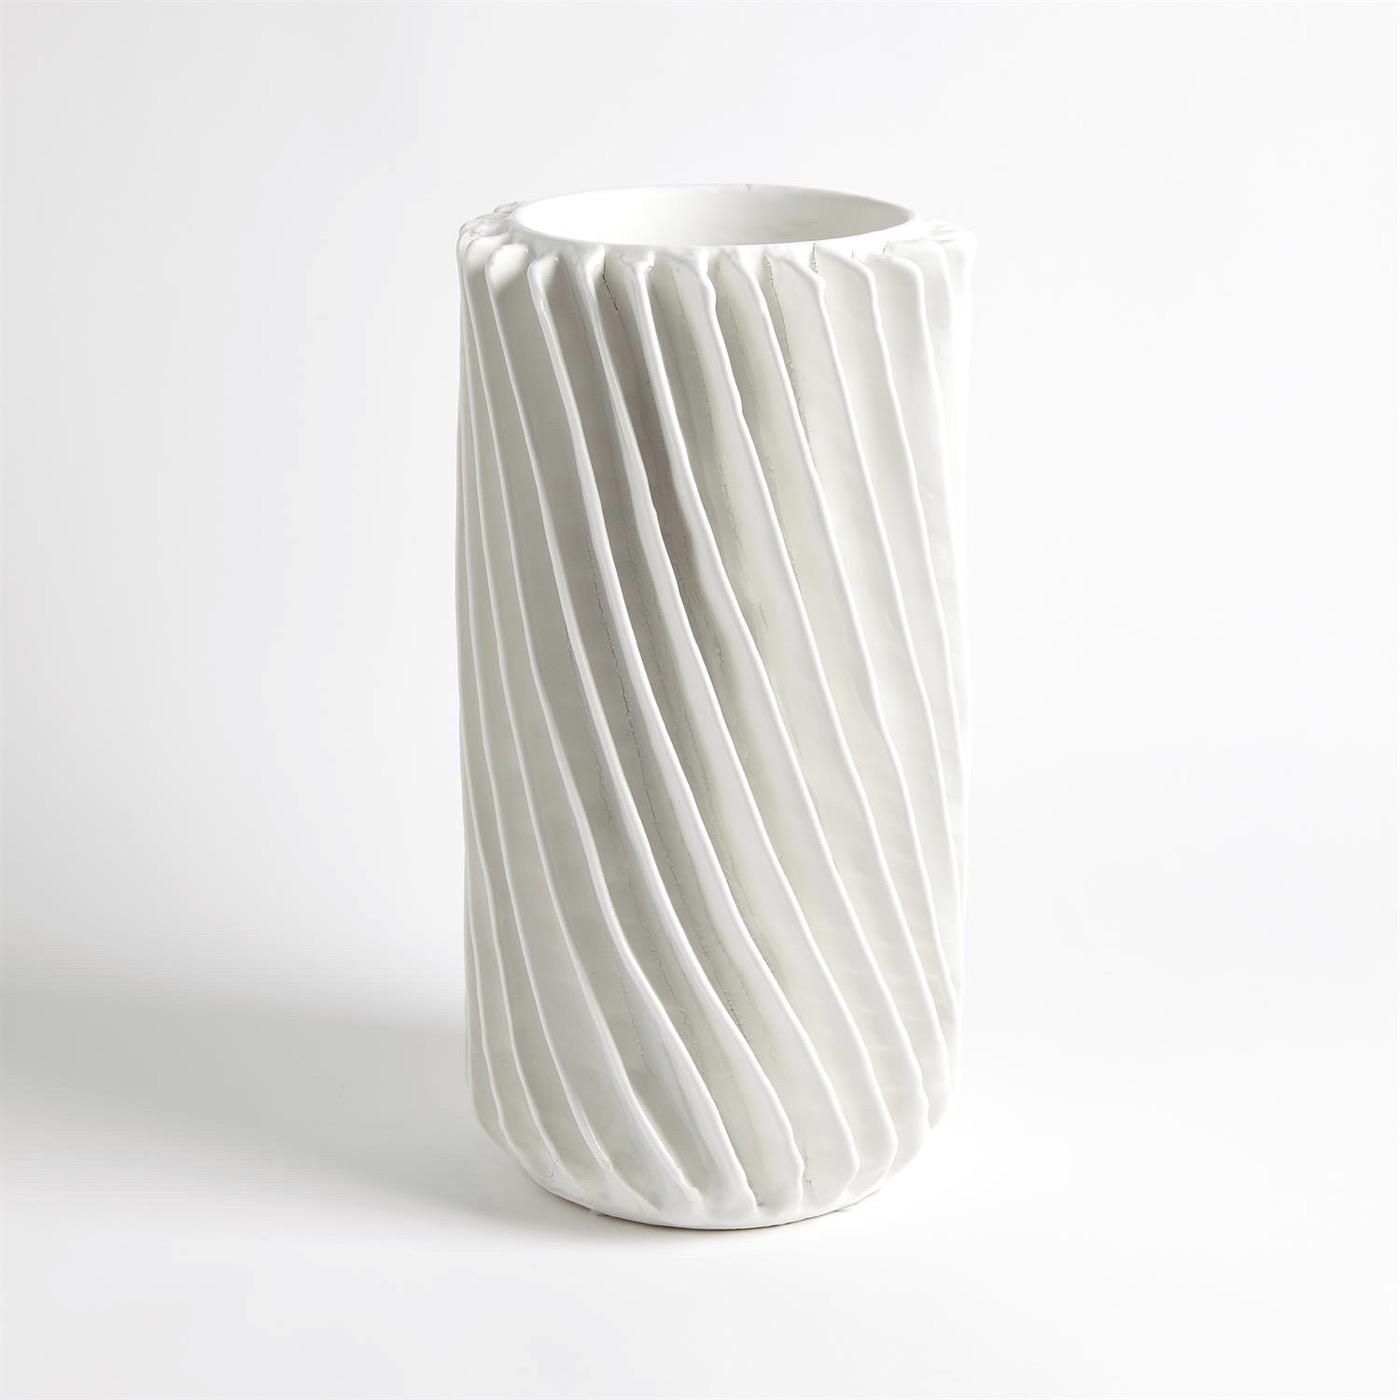 Raza Ceramic Vases